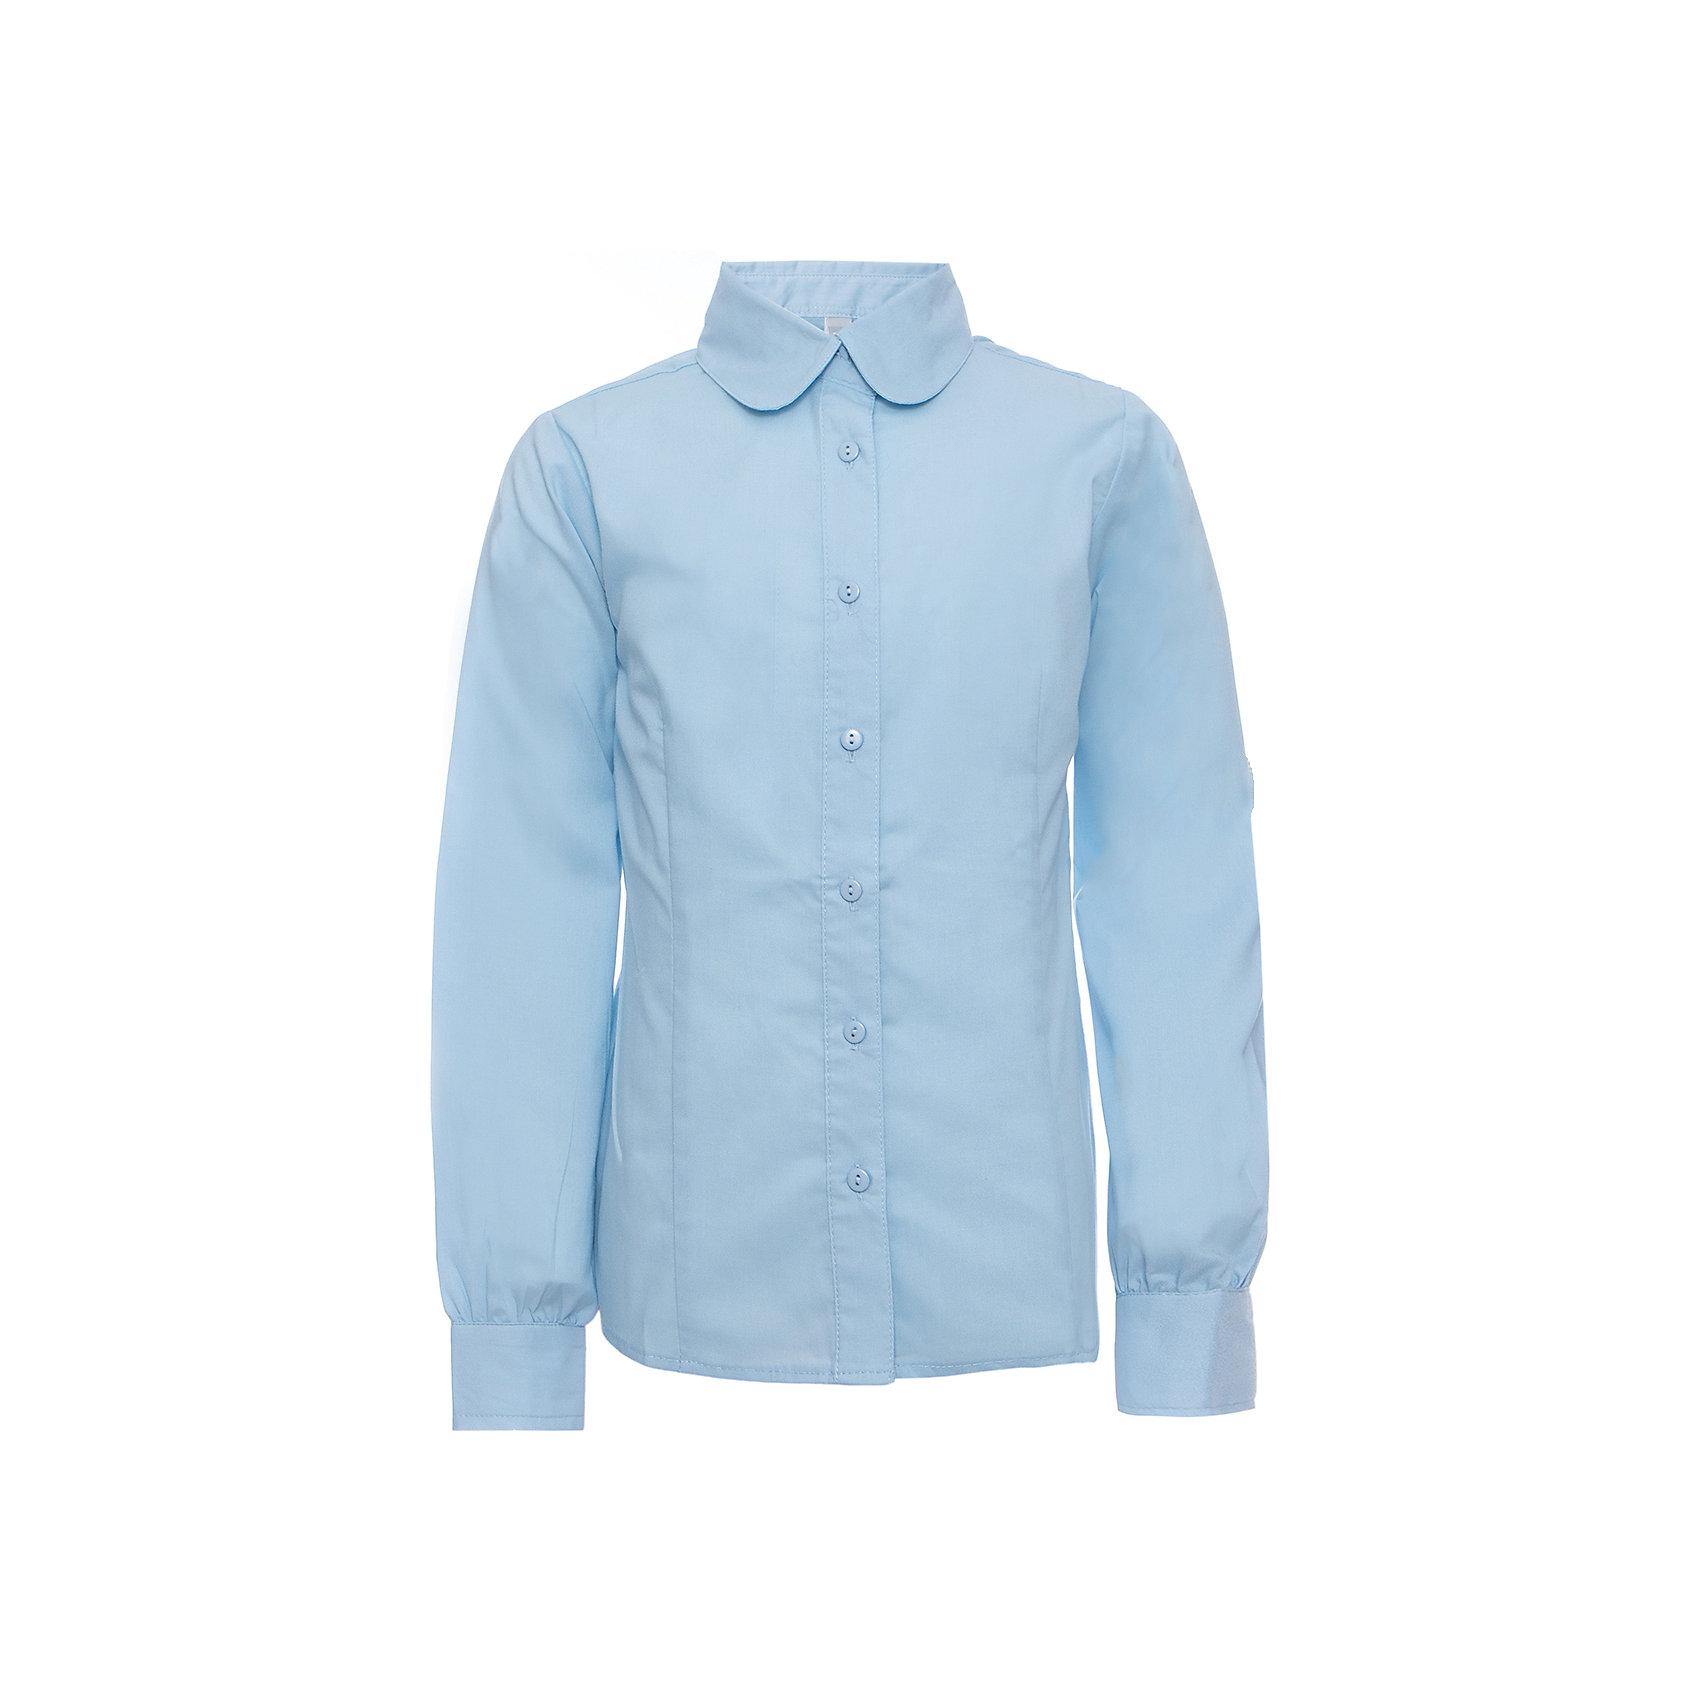 Блузка для девочки ScoolБлузки и рубашки<br>Блузка для девочки от известного бренда Scool<br>Состав:<br>65% хлопок, 35% полиэстер<br>Стильная голубая блузка классического покроя. Округлый воротничок. Застегивается на пуговицы.<br><br>Ширина мм: 186<br>Глубина мм: 87<br>Высота мм: 198<br>Вес г: 197<br>Цвет: голубой<br>Возраст от месяцев: 120<br>Возраст до месяцев: 132<br>Пол: Женский<br>Возраст: Детский<br>Размер: 146,164,140,134,122,128,152,158<br>SKU: 4687029